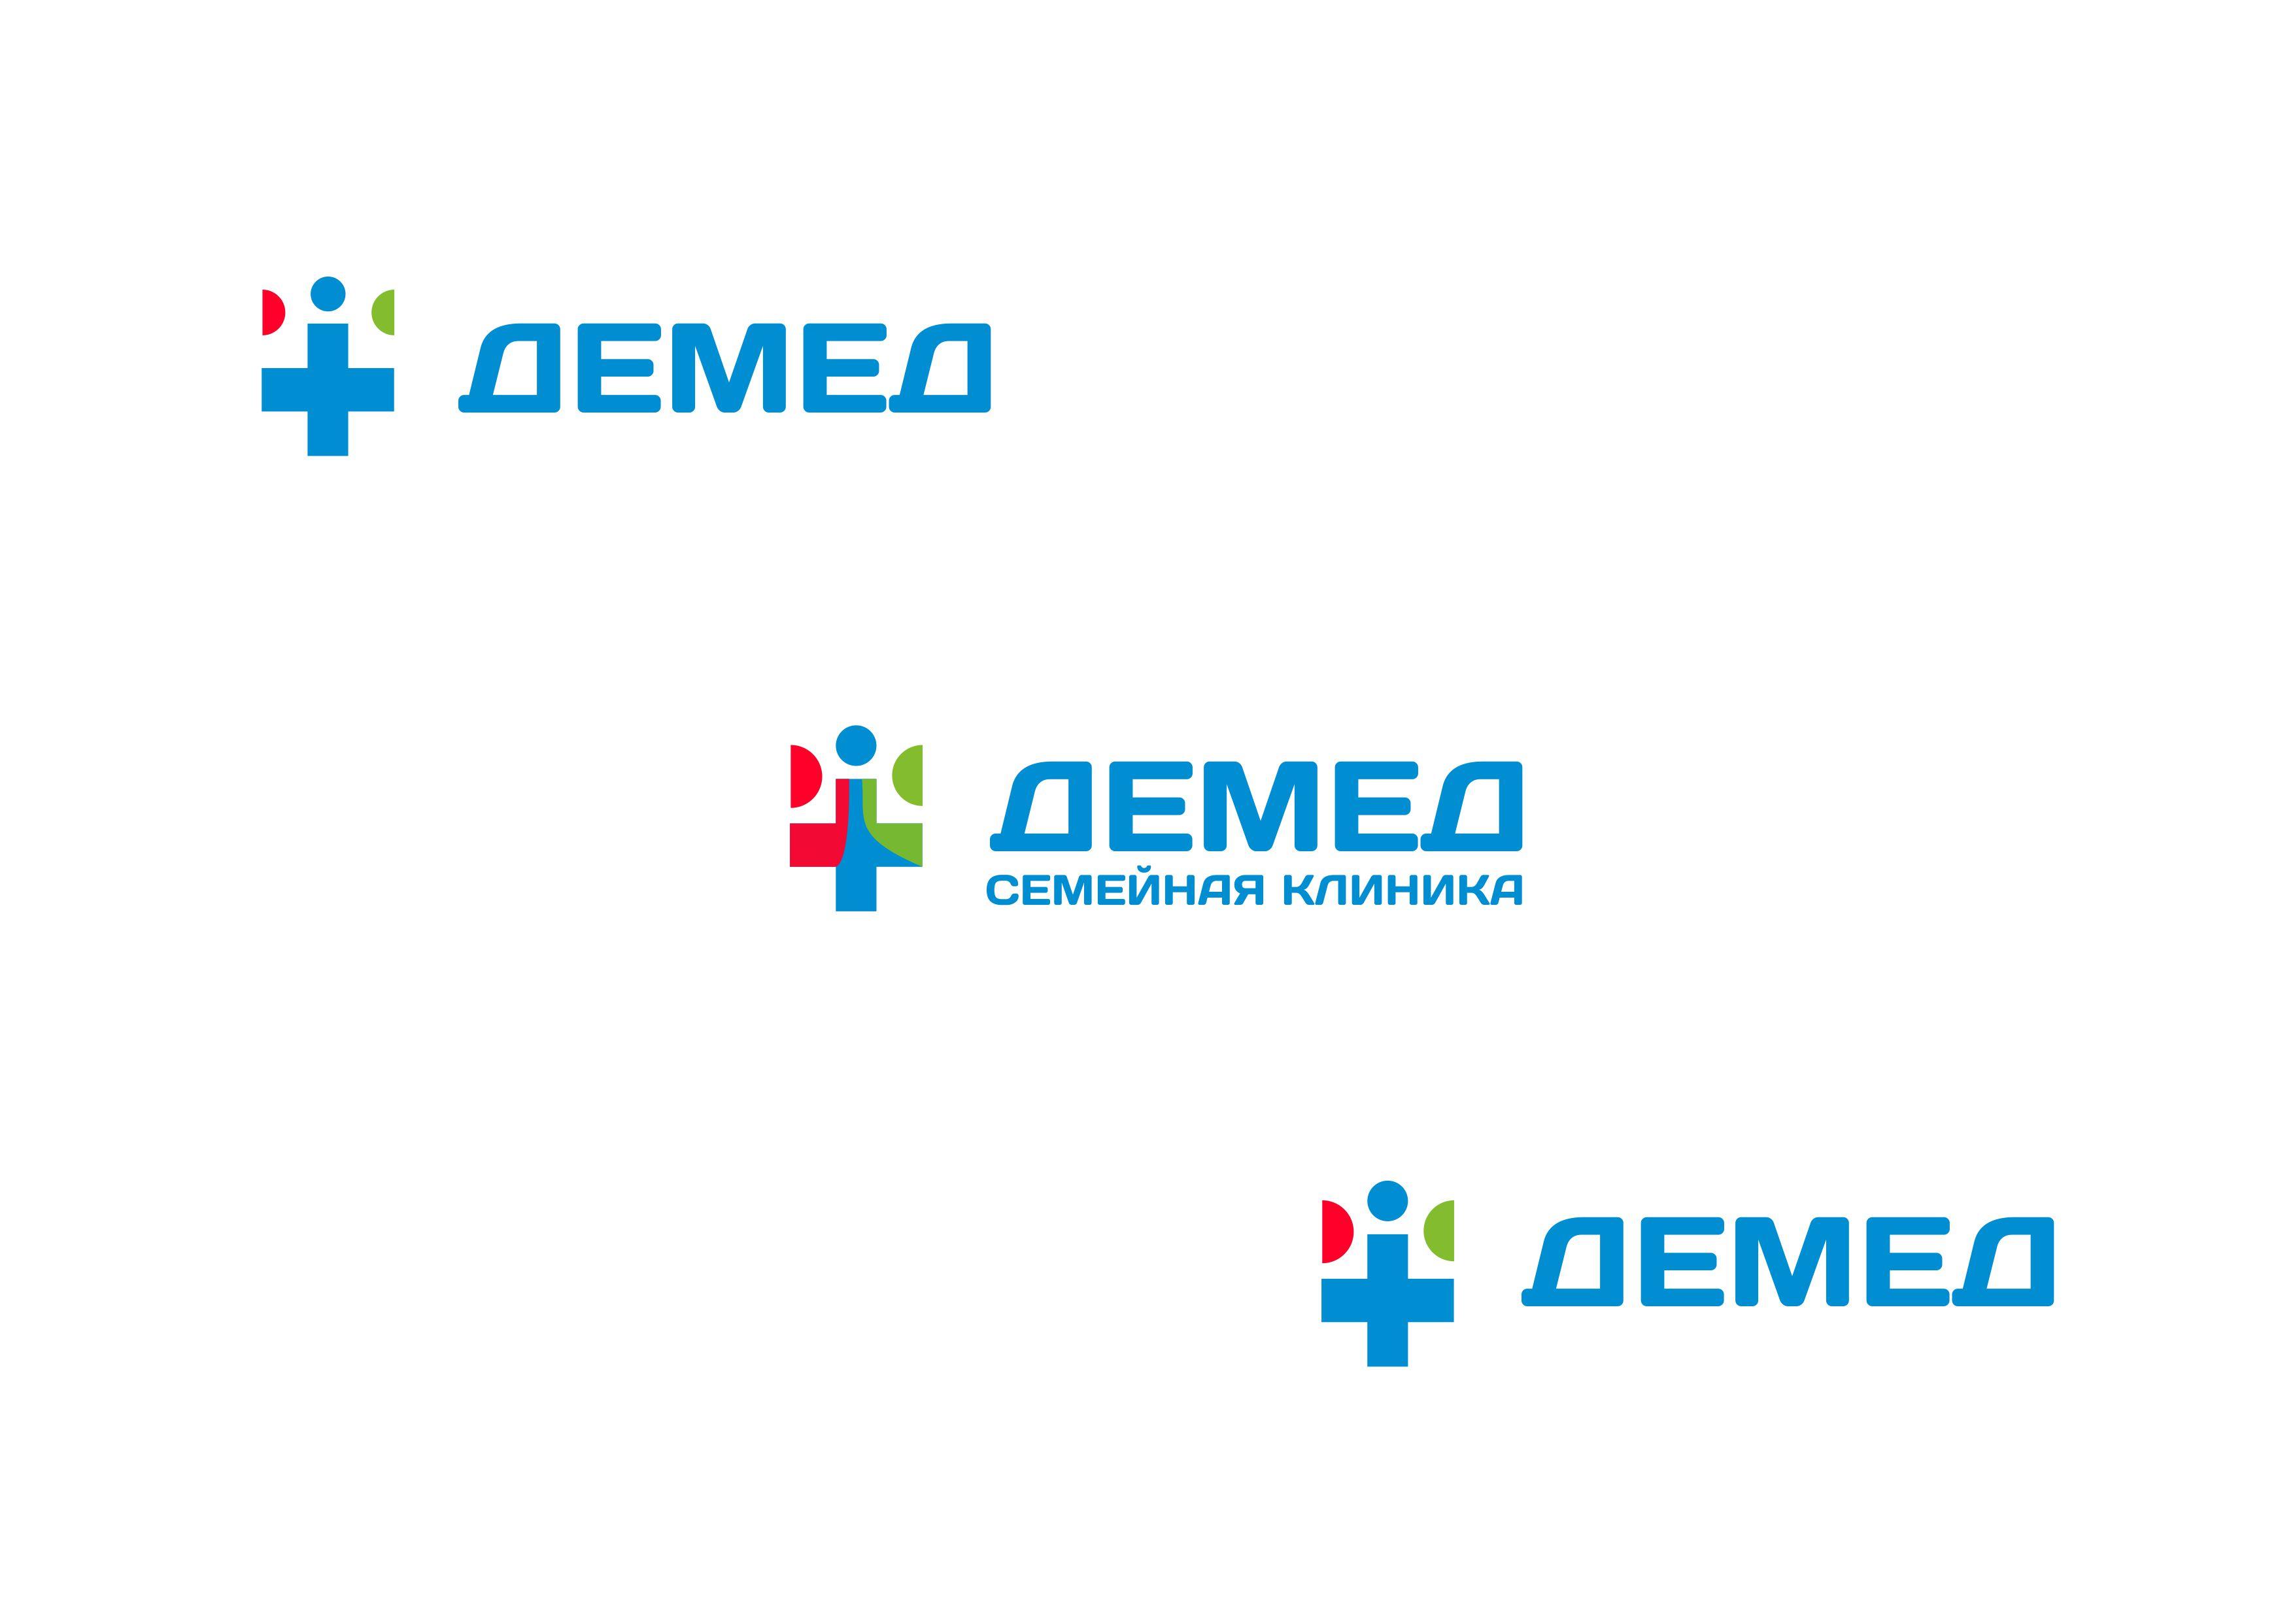 Логотип медицинского центра фото f_9055dcf0e861488c.jpg